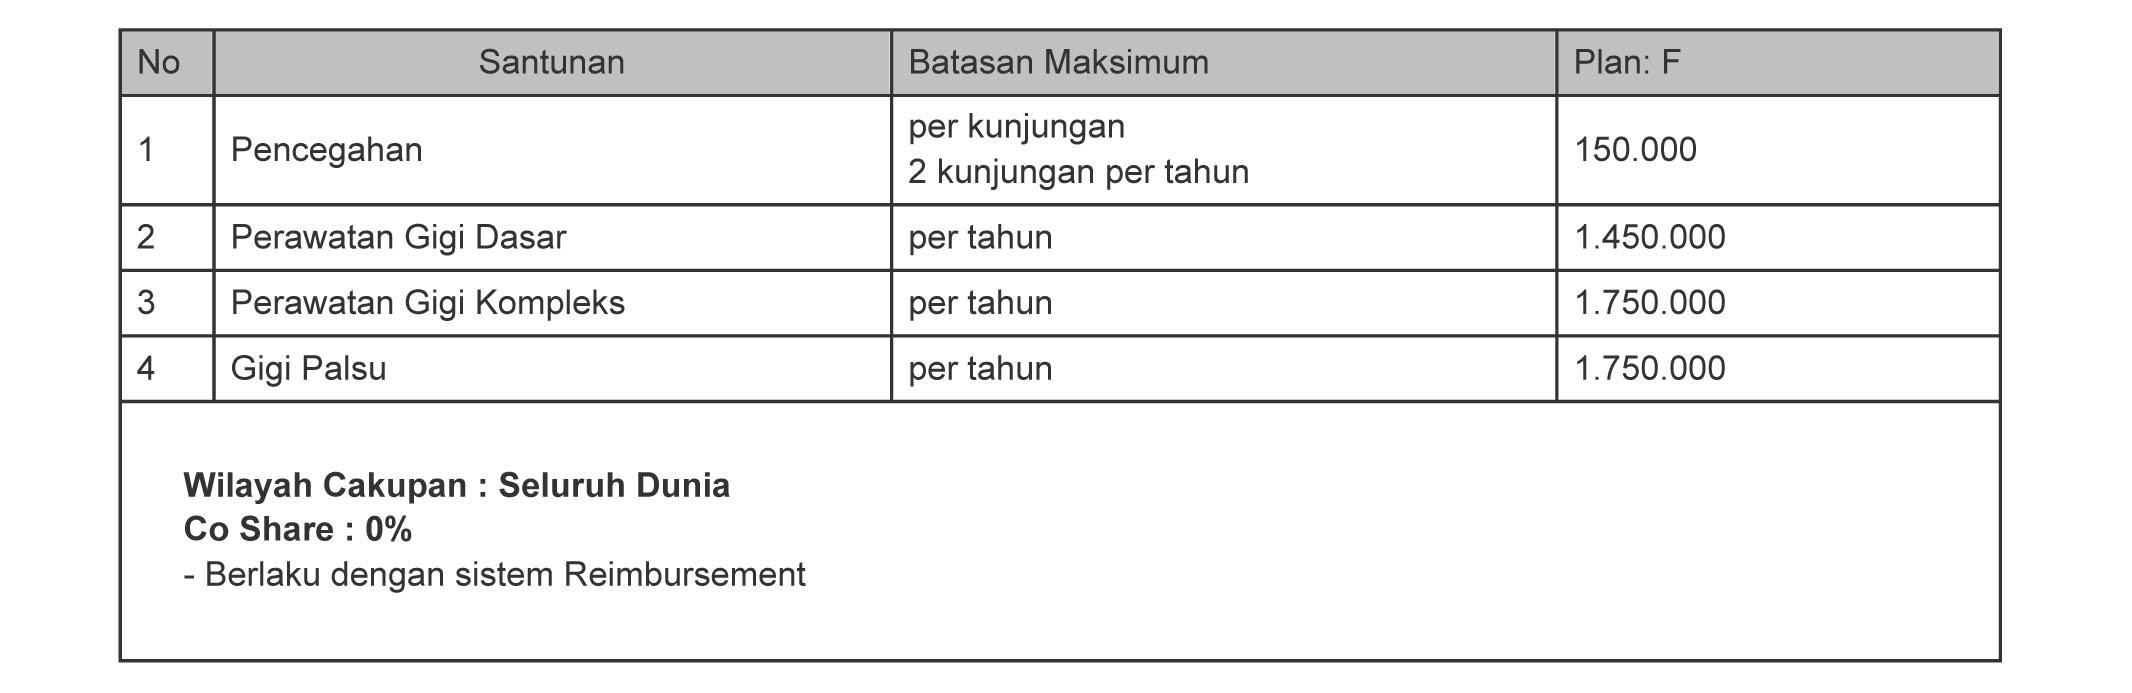 Tabel Manfaat Asuransi Rawat Gigi Smarthealth Maxi Violet atau Allisya Care Plan F